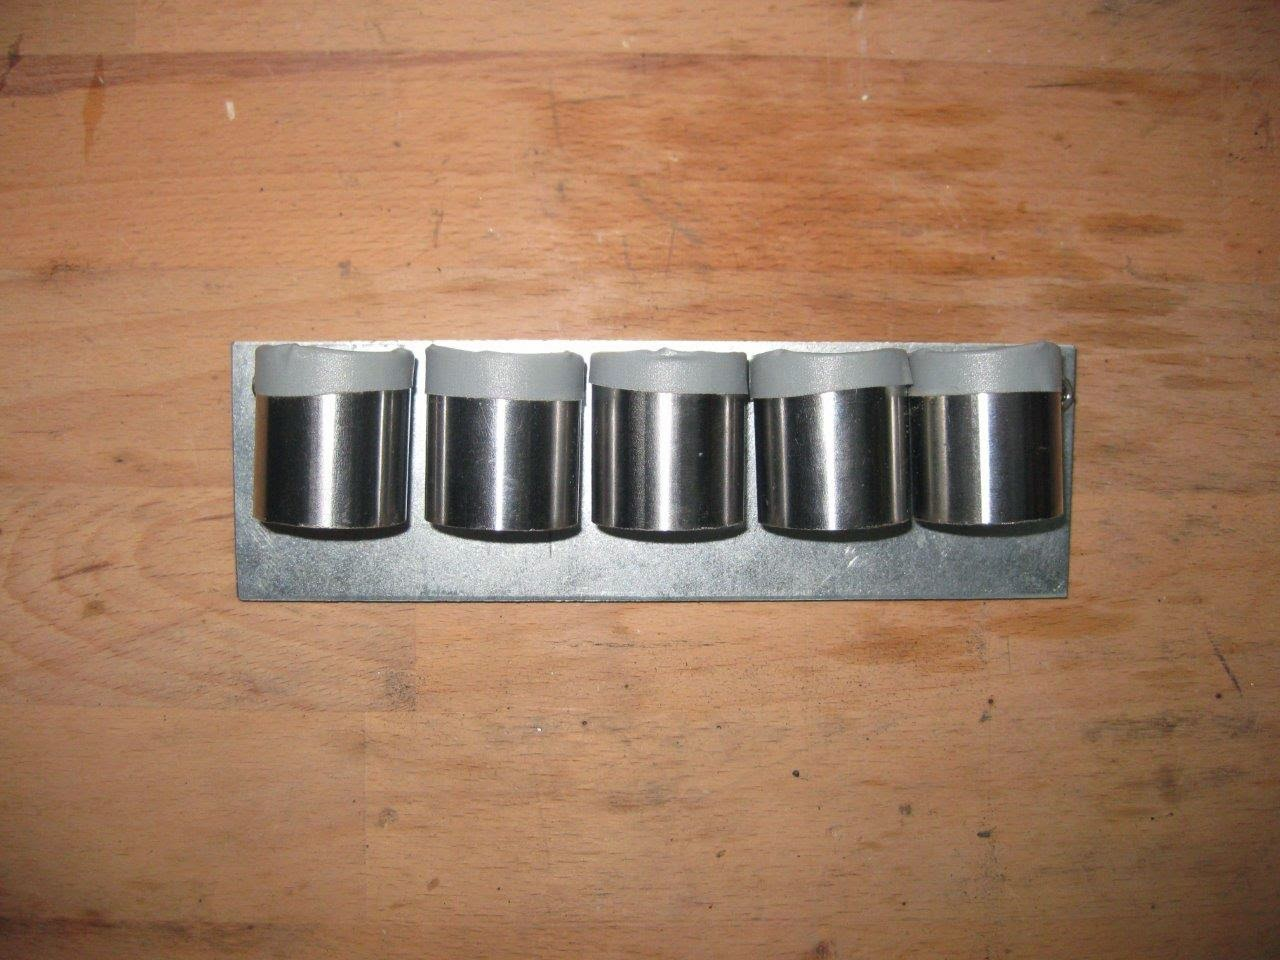 holz und metall ein heimwerkerblog erweiterungen f r die werkzeugwand. Black Bedroom Furniture Sets. Home Design Ideas